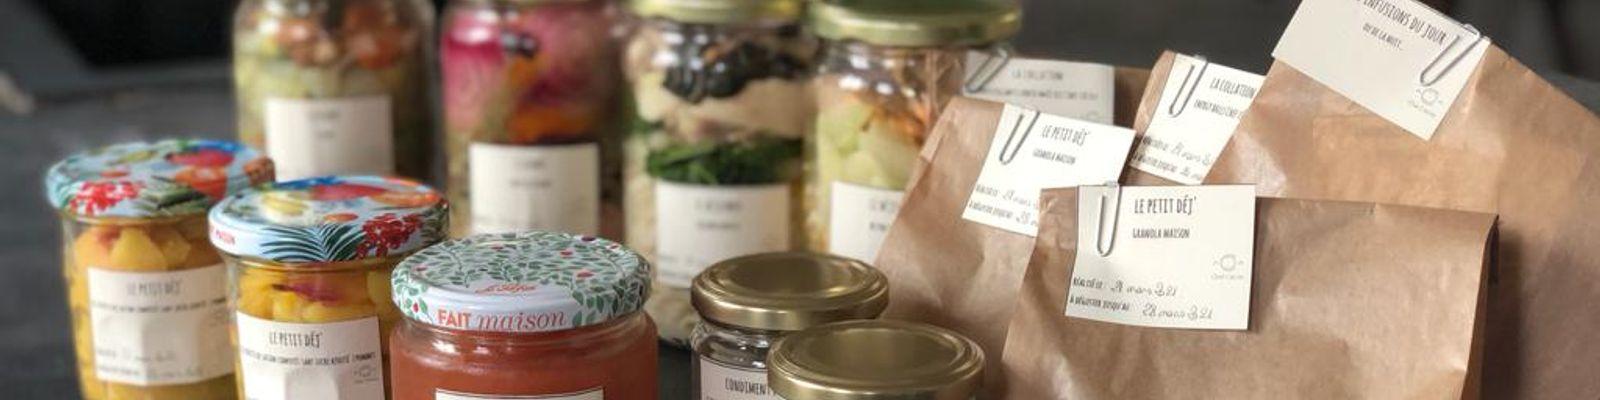 Livraison de repas post-partum, savoureux & revitalisants par Cécile